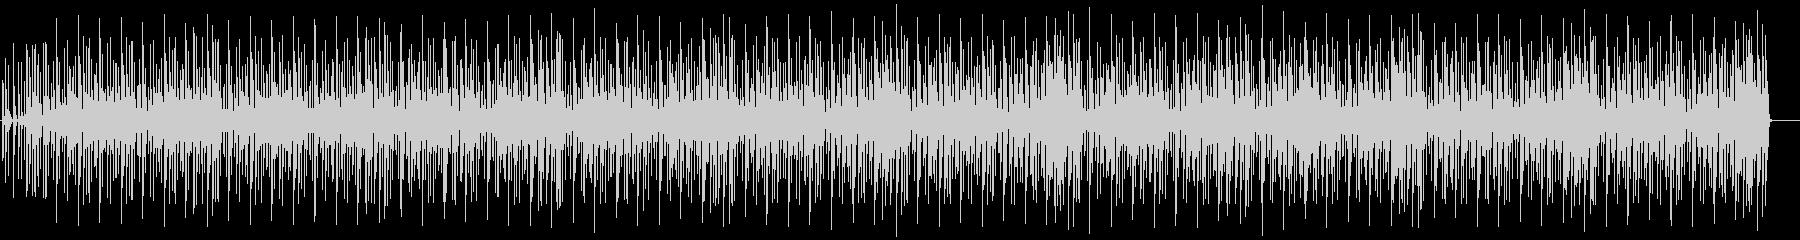 サックスとブラスでファンキーなBGMの未再生の波形